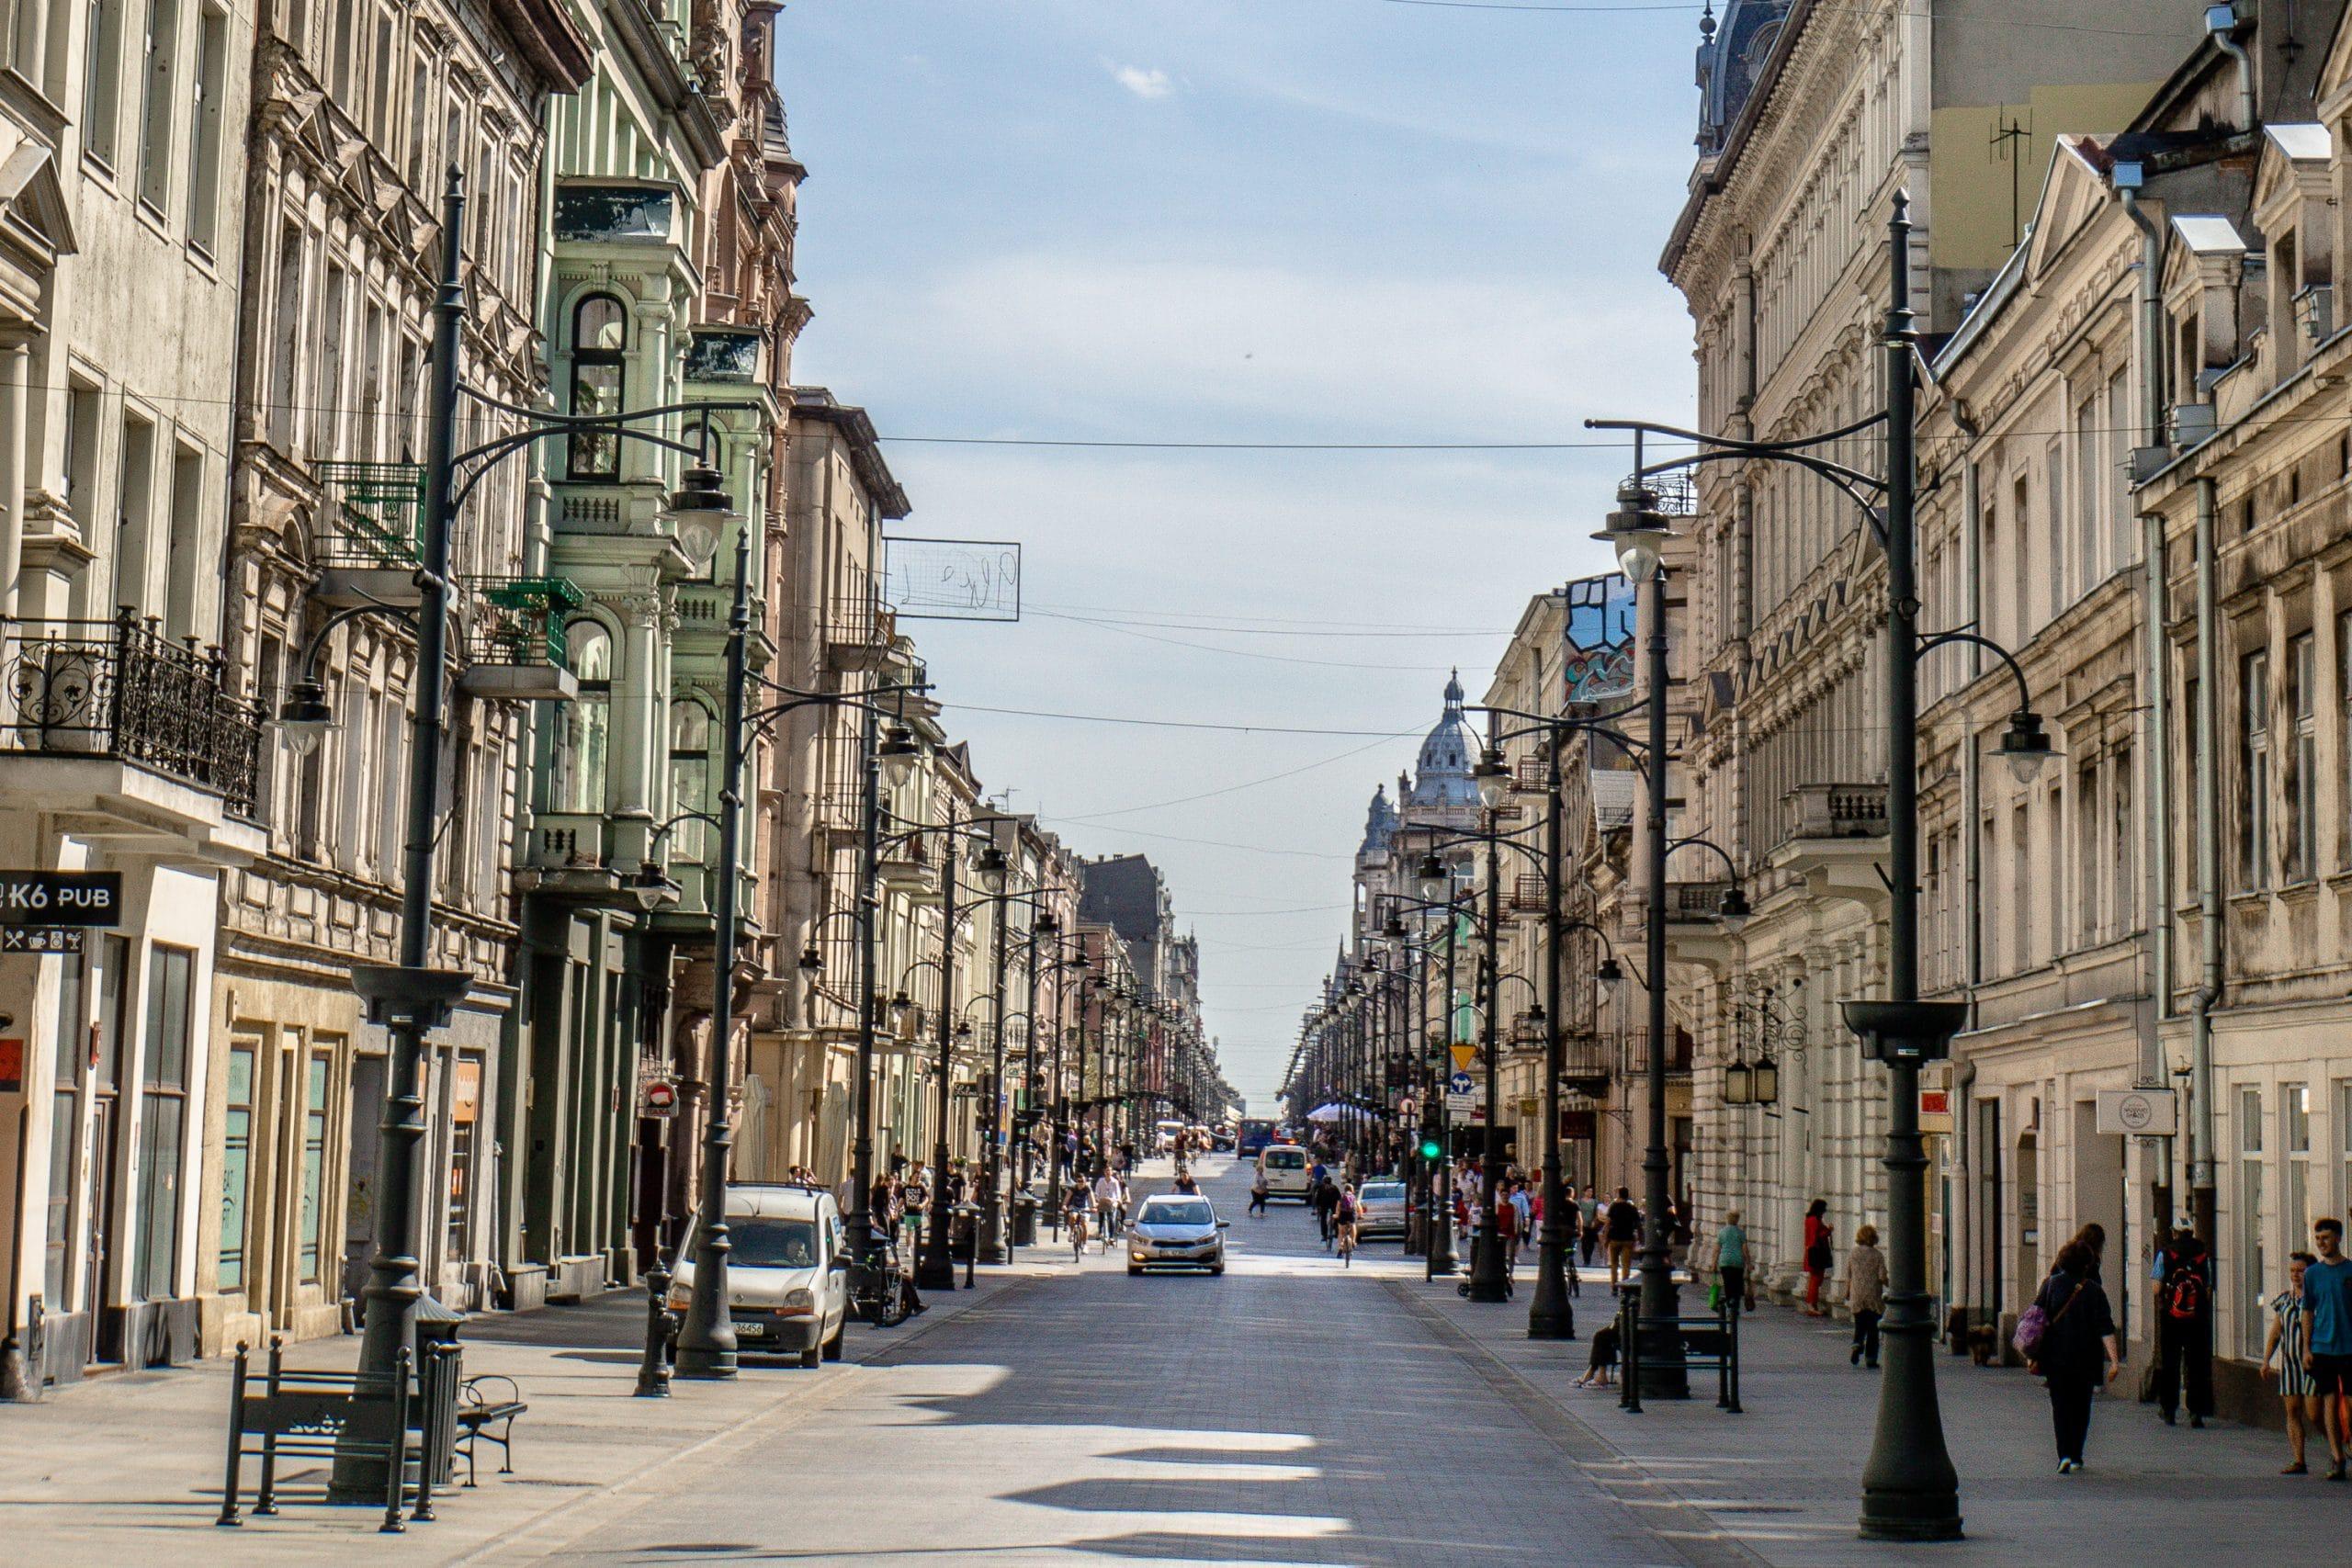 Lodz Top Ten Sehenswürdigkeiten - Highlights für euren Städtetrip in Polen - Piotrkowska-Straße